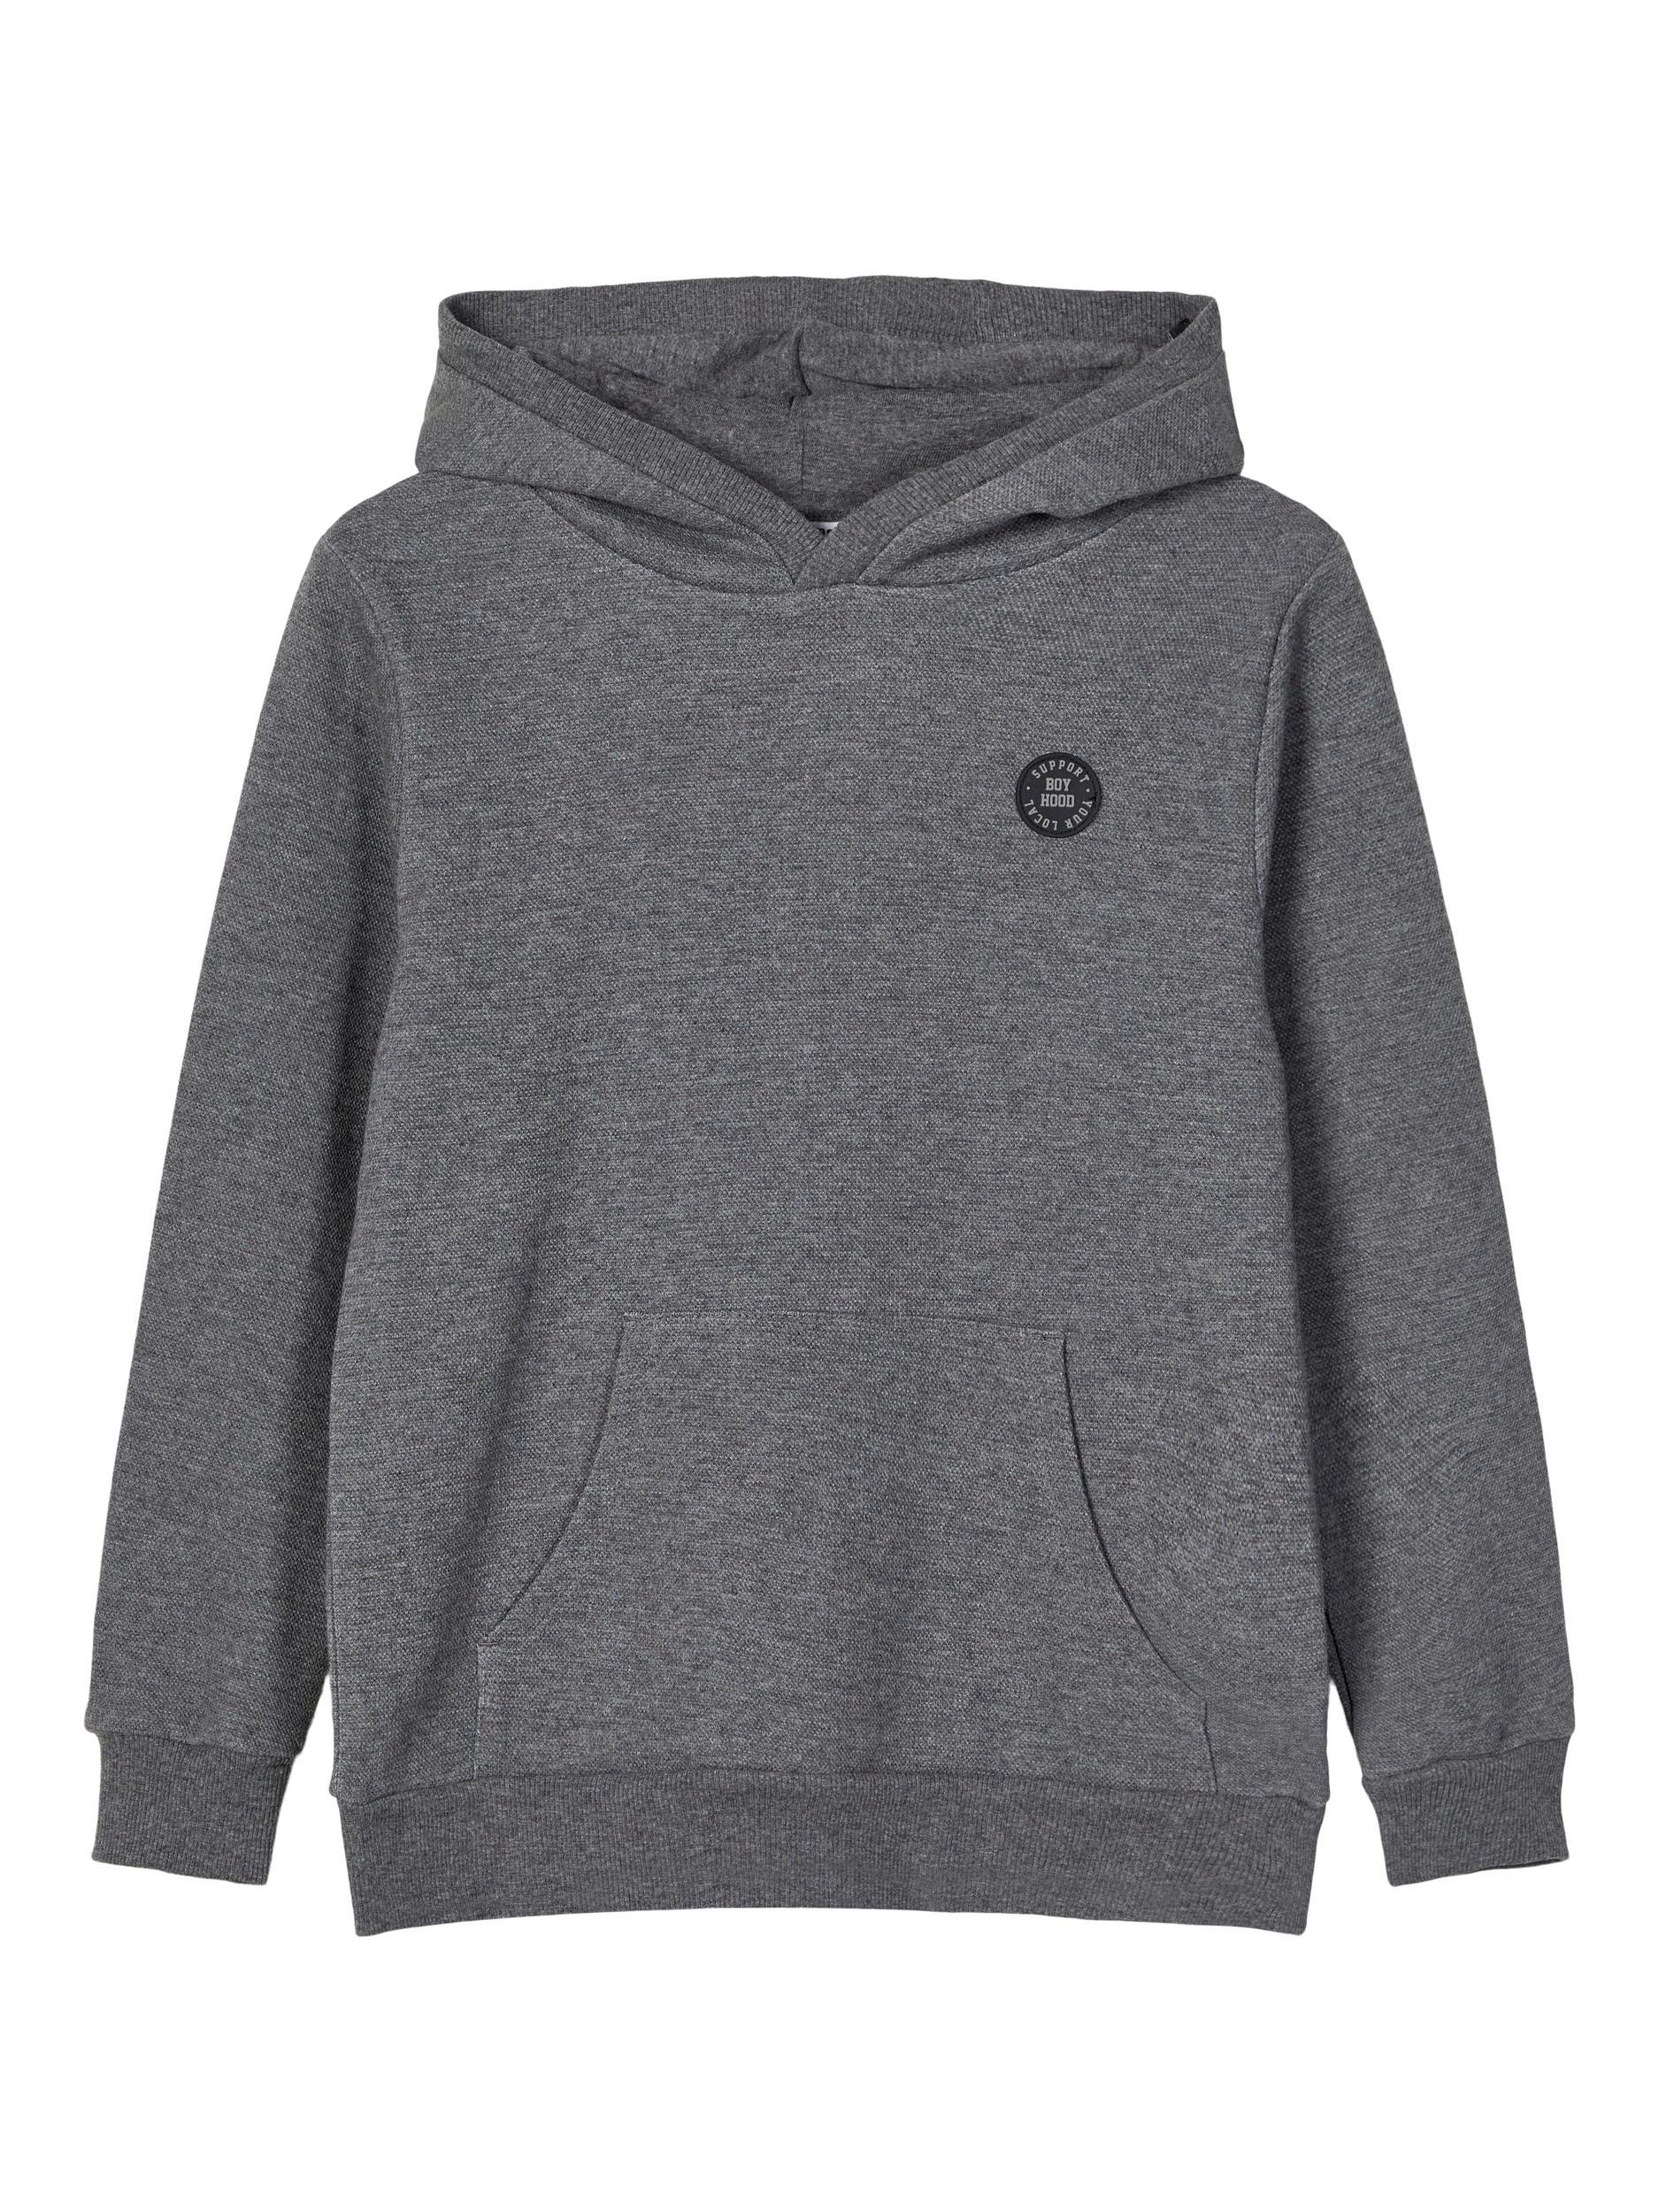 Name It Olson sweatshirt, dark grey melange, 134-140